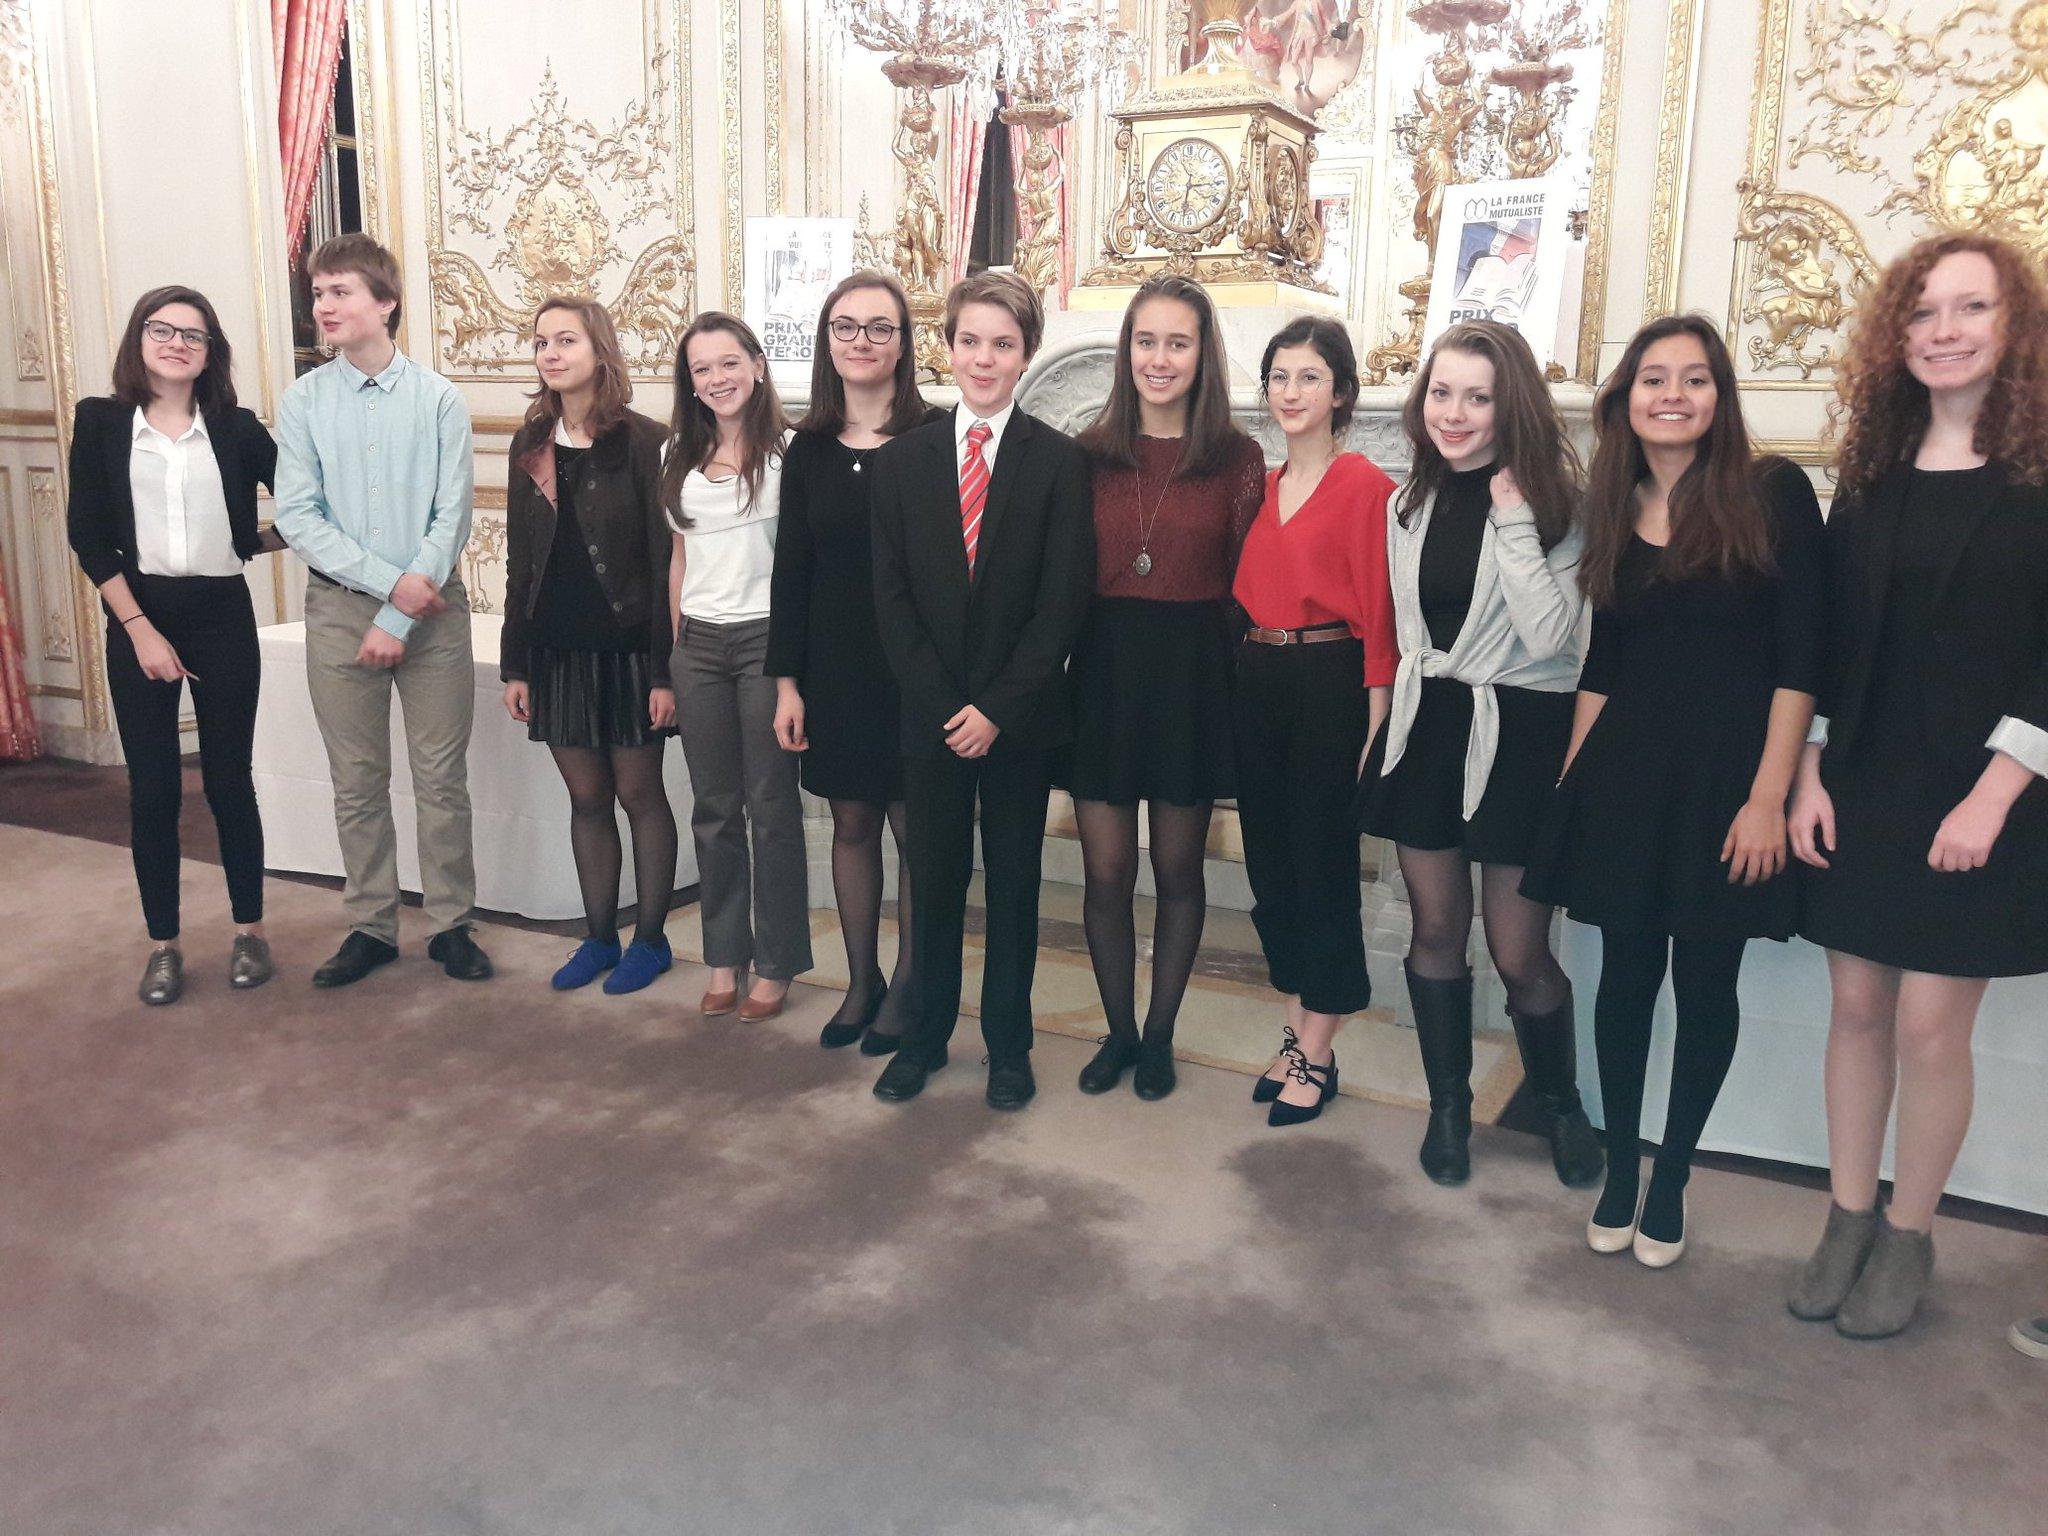 #prixgrandtemoin Arrivée du Jury Junior, les élèves de seconde du lycée franco-allemand de Buc (78) https://t.co/Bfh9et6IGP